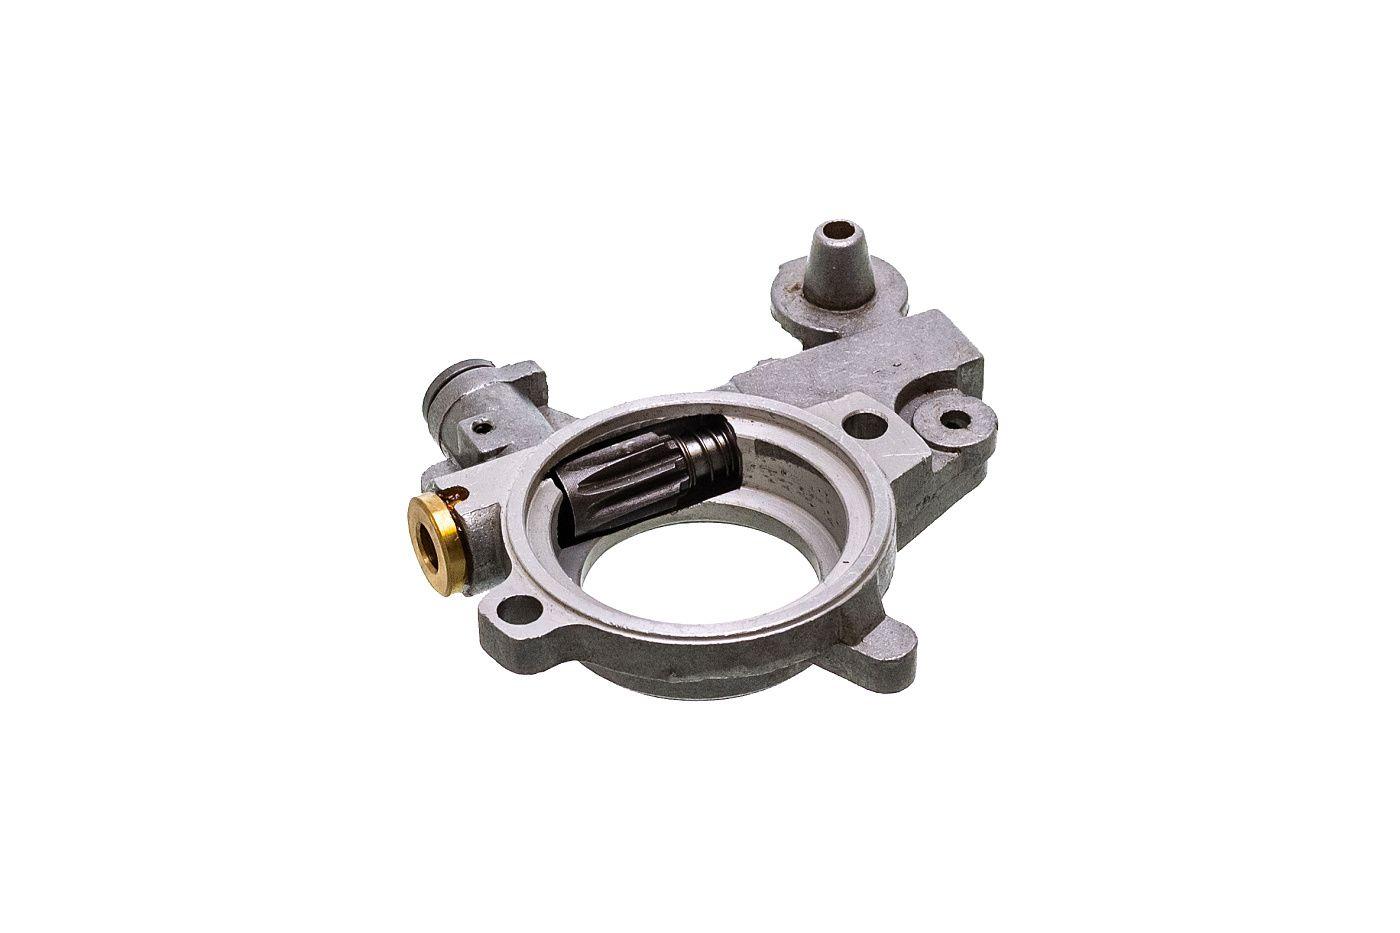 Olejové čerpadlo Stihl MS341 MS361 MS362 (1135 640 3200)